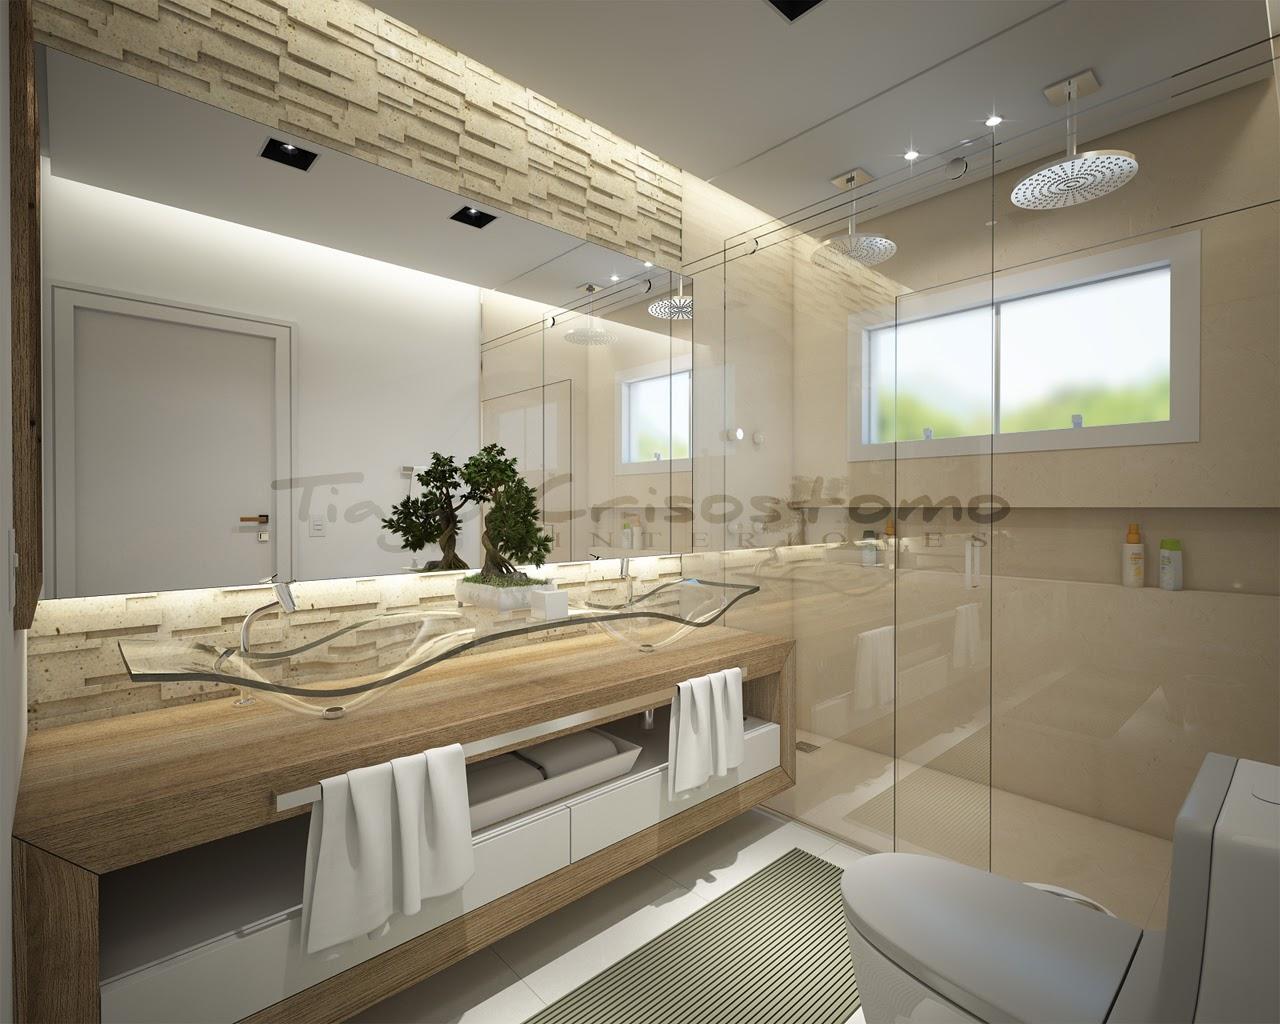 17  Esse seria o banheiro social! Detalhe do revestimento da parede  #515935 1280x1024 Banheiro Casal Dois Vasos